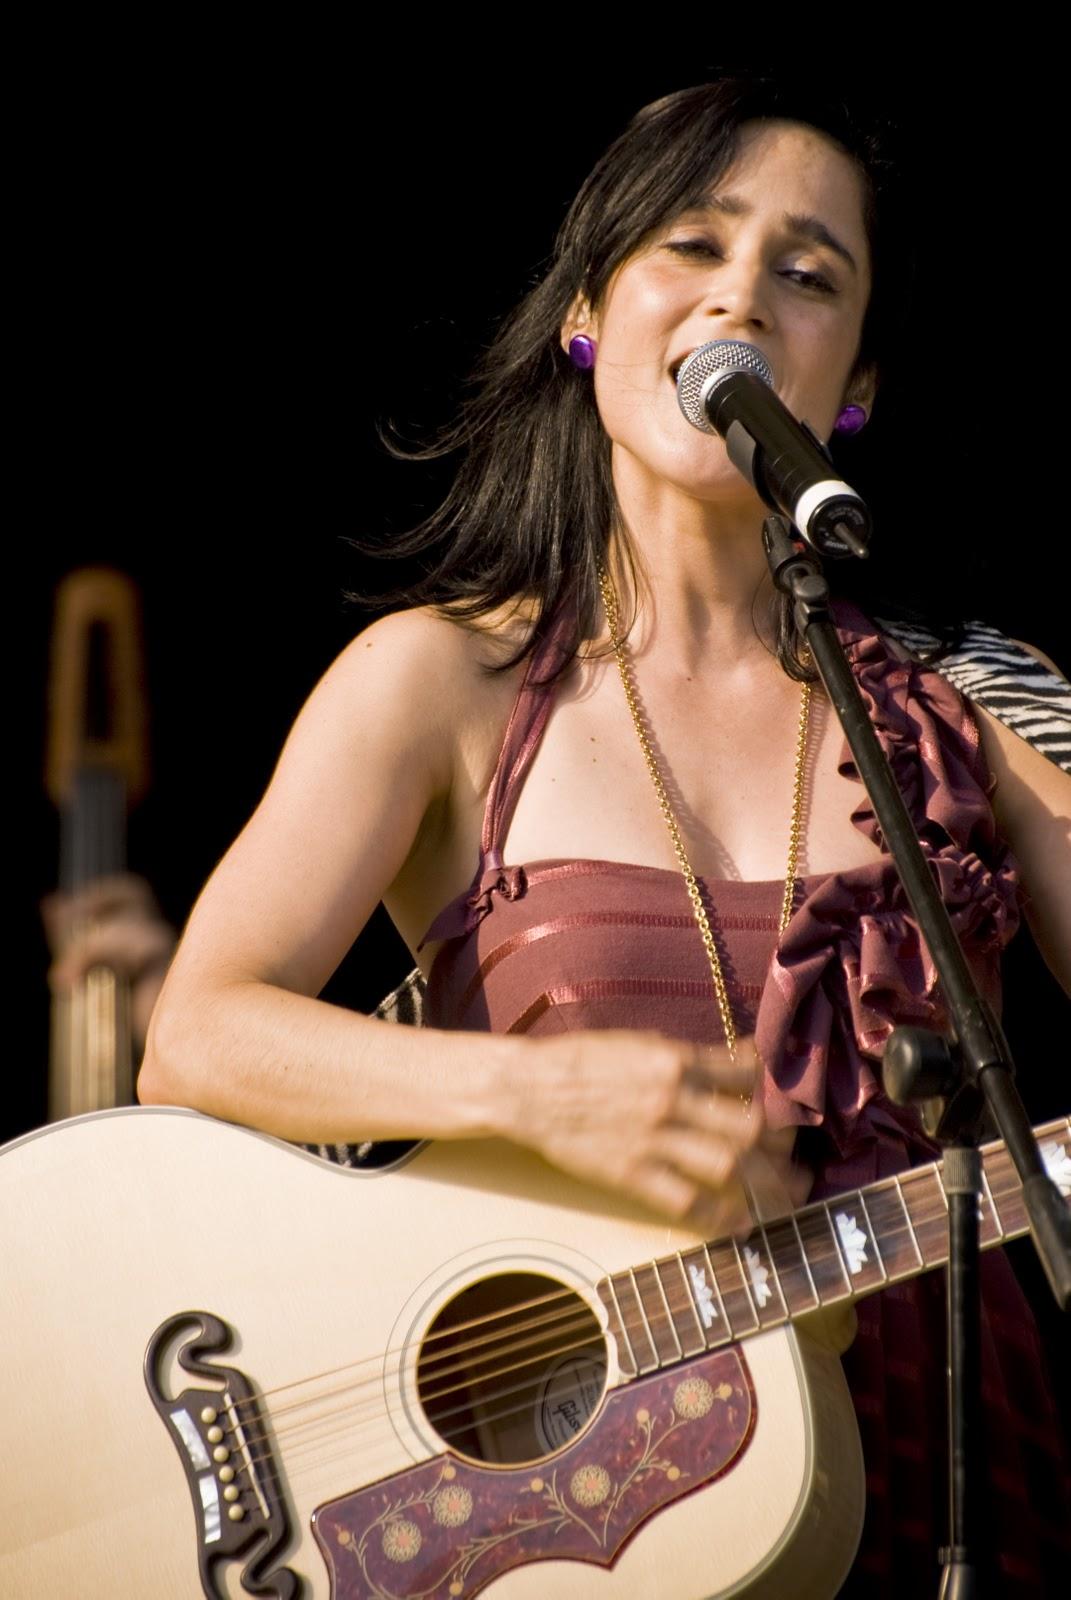 Julieta Venegas Net Worth